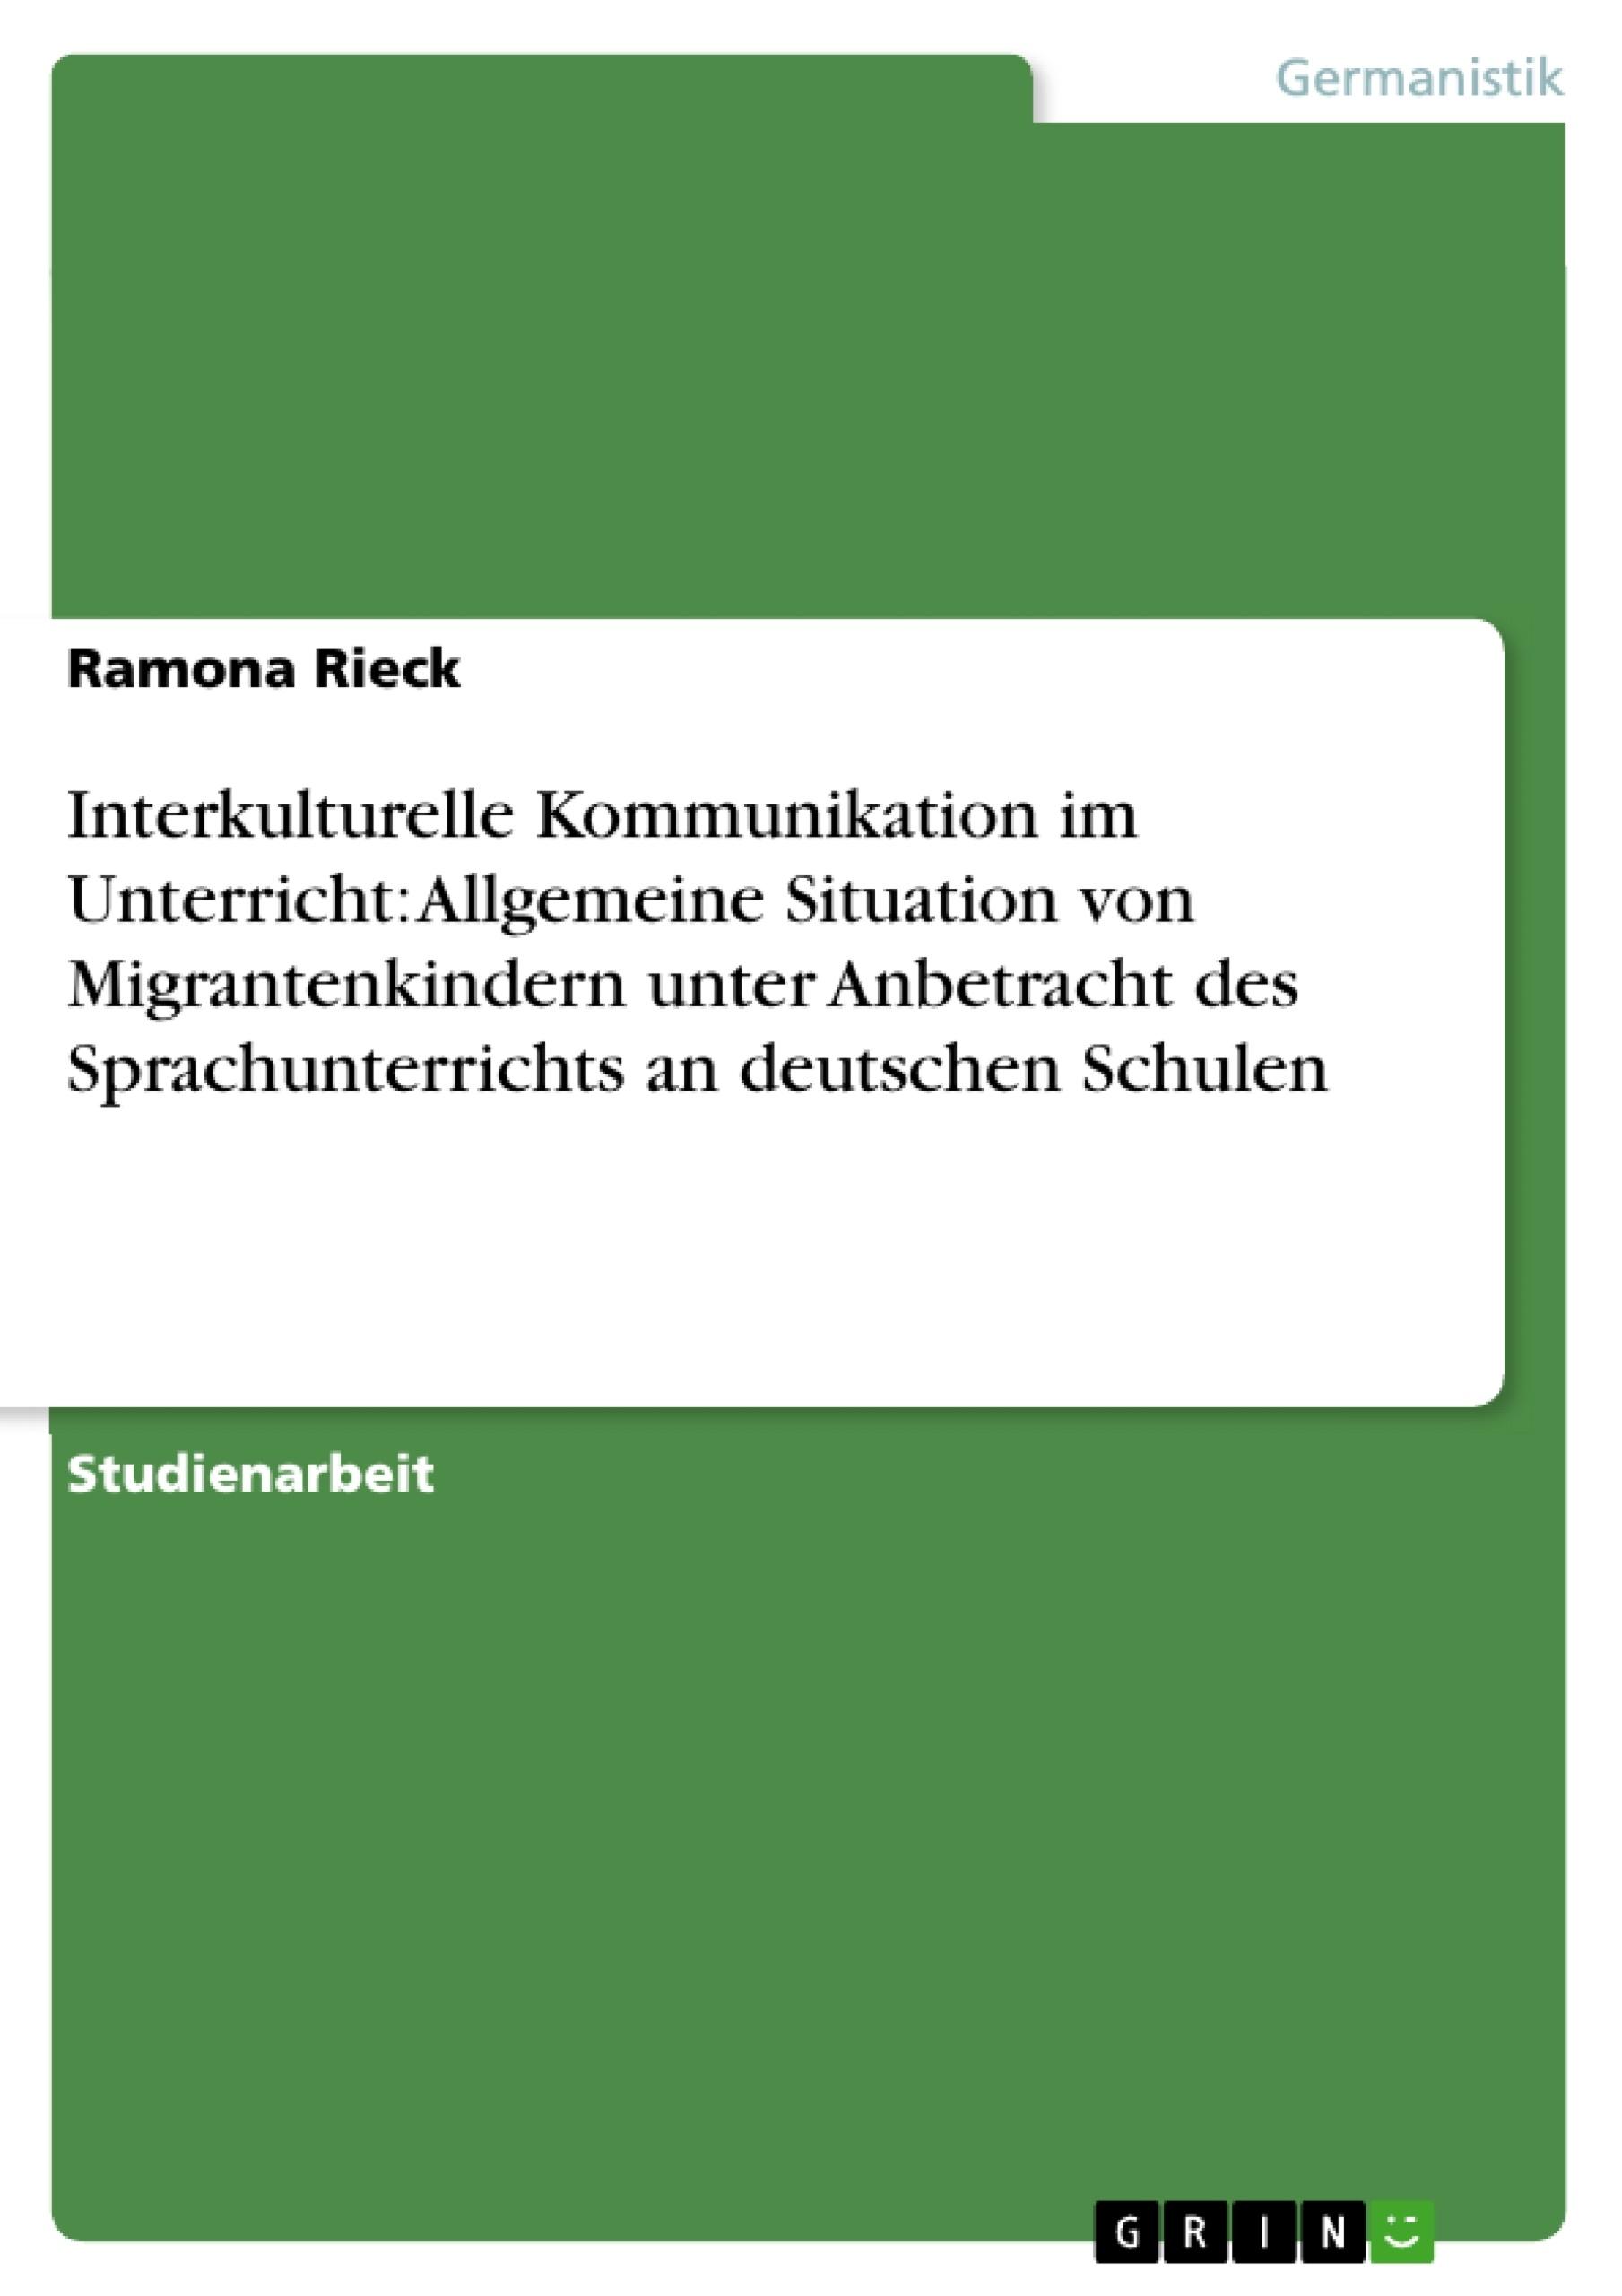 Titel: Interkulturelle Kommunikation im Unterricht: Allgemeine Situation von Migrantenkindern unter Anbetracht des Sprachunterrichts an deutschen Schulen